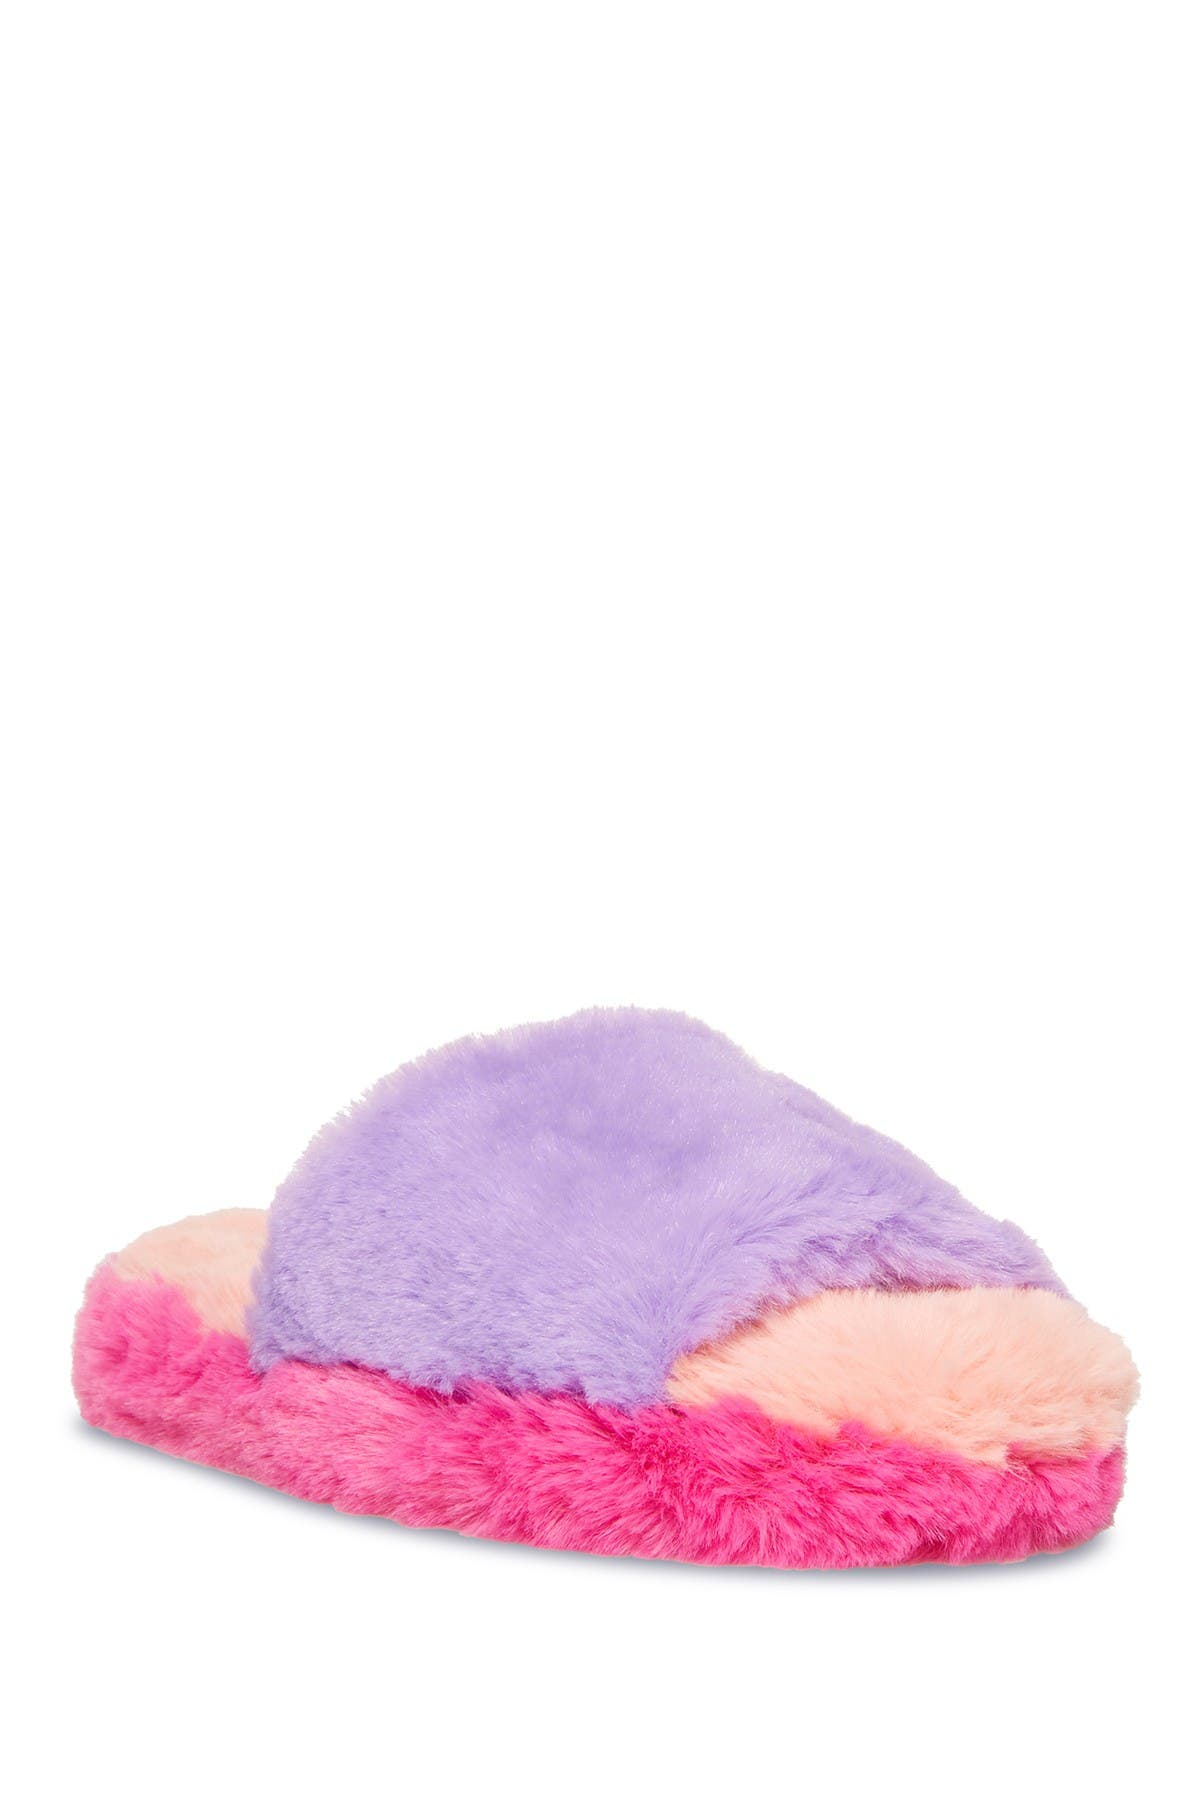 Image of Steve Madden Frillz Faux Fur Slipper